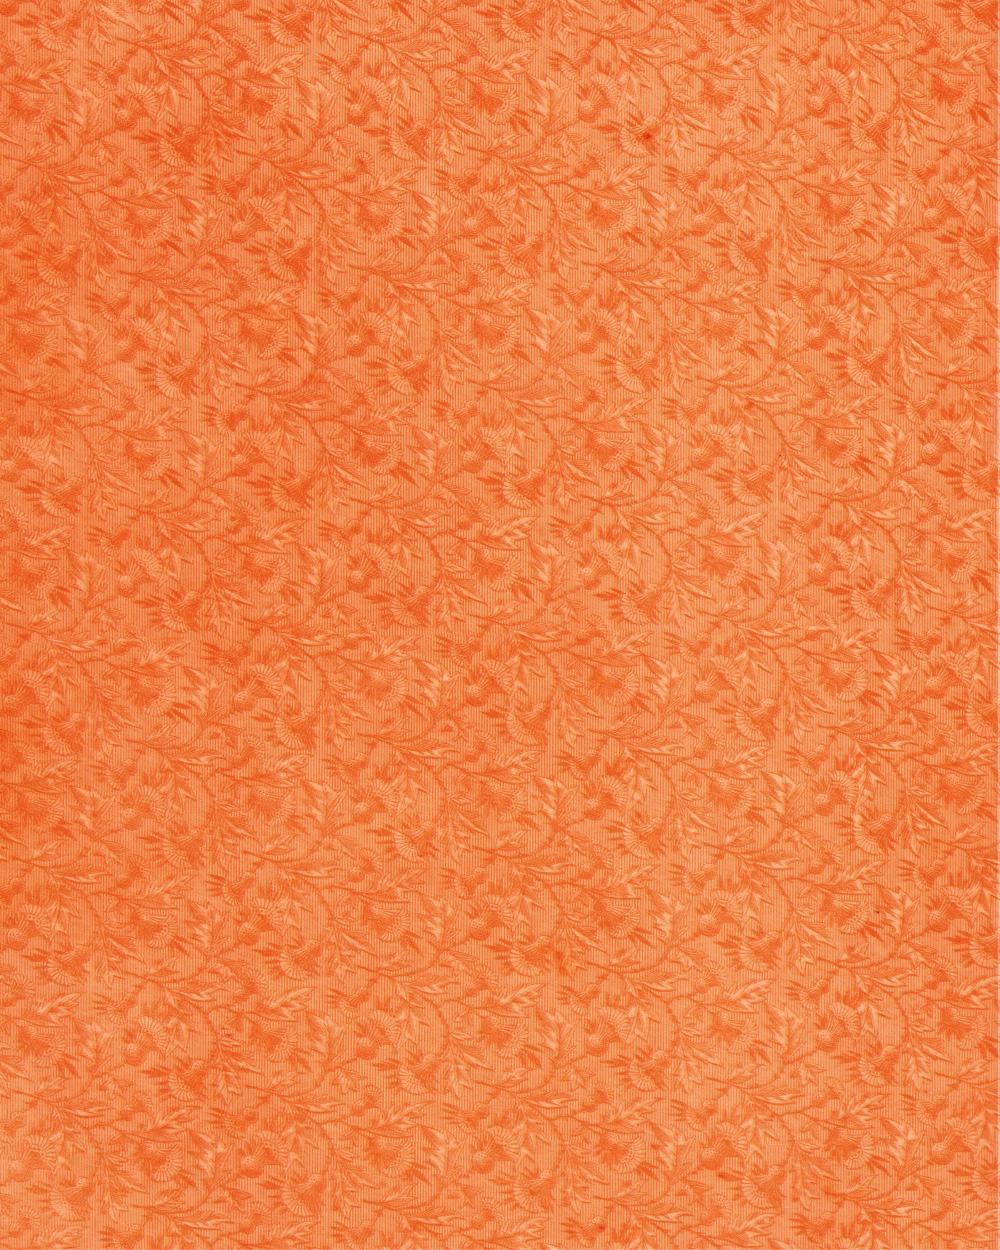 Floral Paper Orange